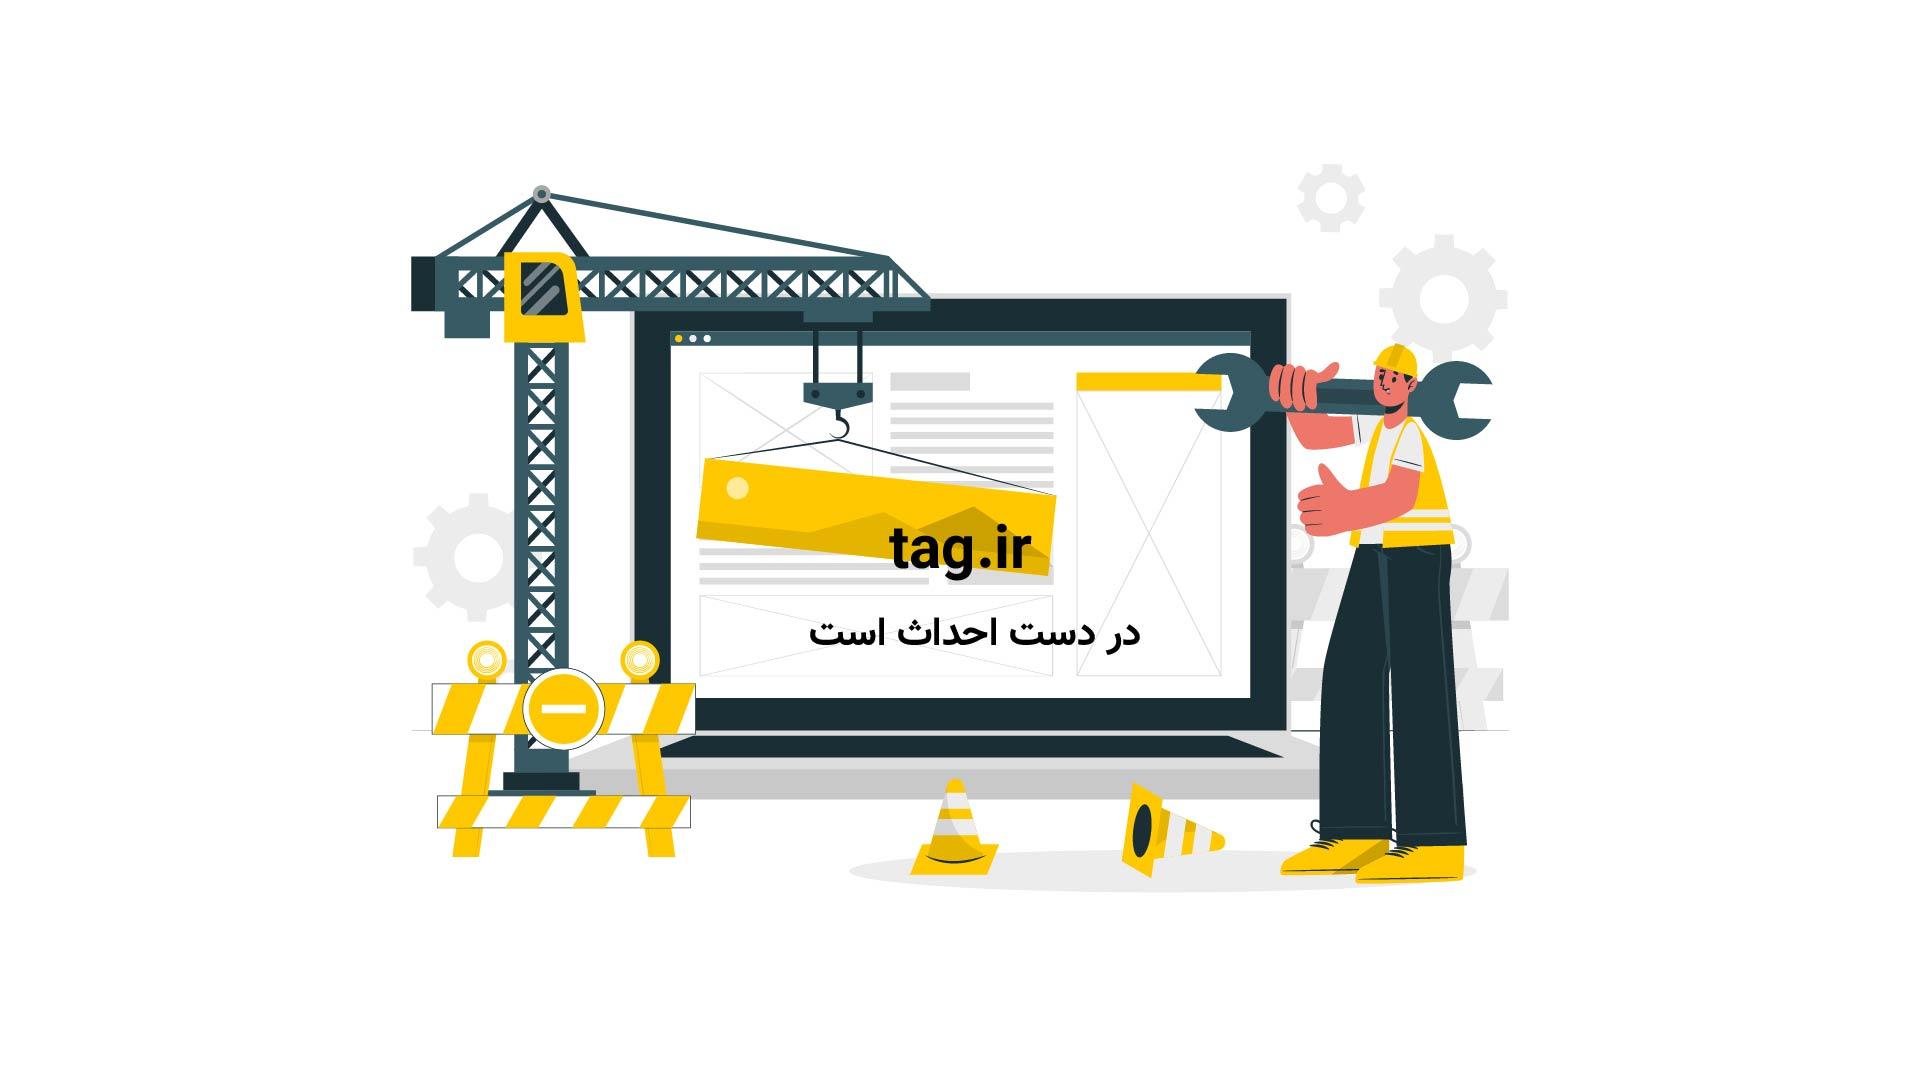 اگر پشت موتور هواپیما بایستید چه اتفاقی می افتد | فیلم